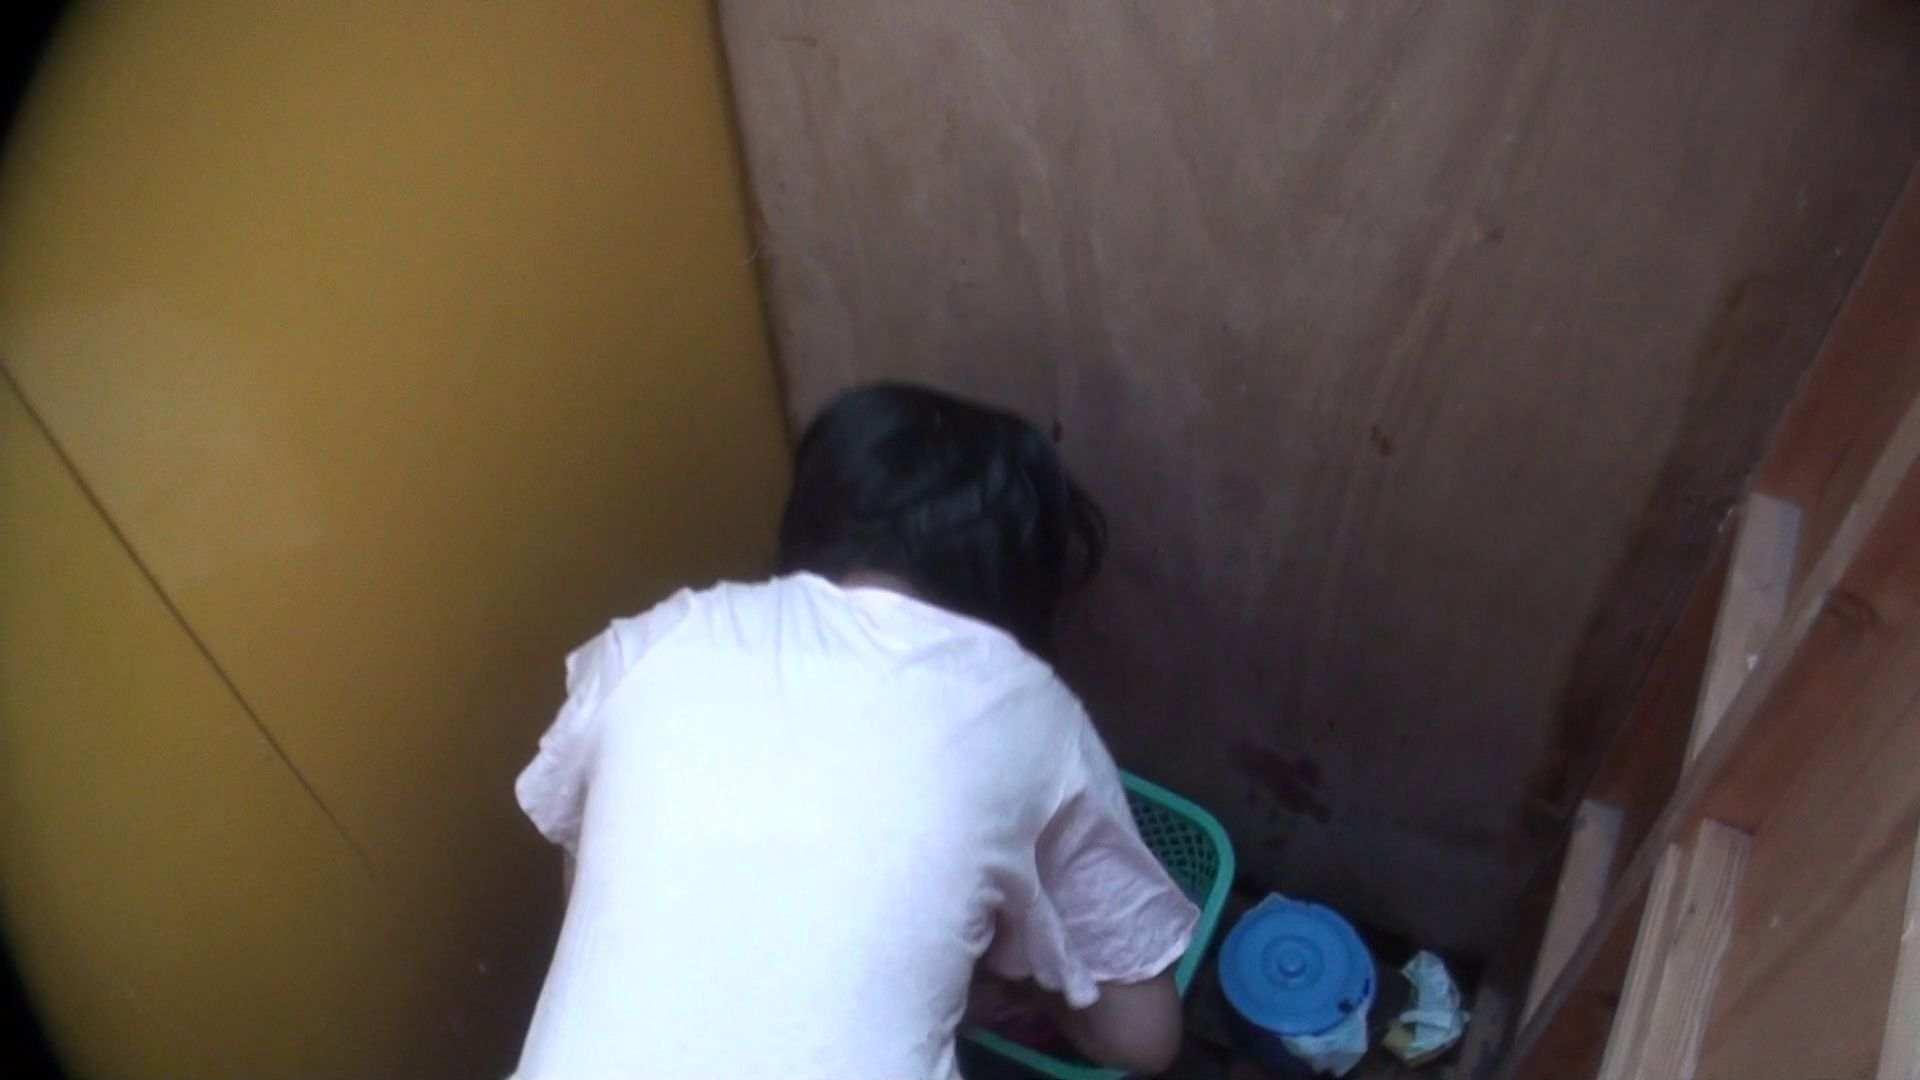 シャワールームは超!!危険な香りVol.13 ムッチムチのいやらしい身体つき シャワー  111pic 21